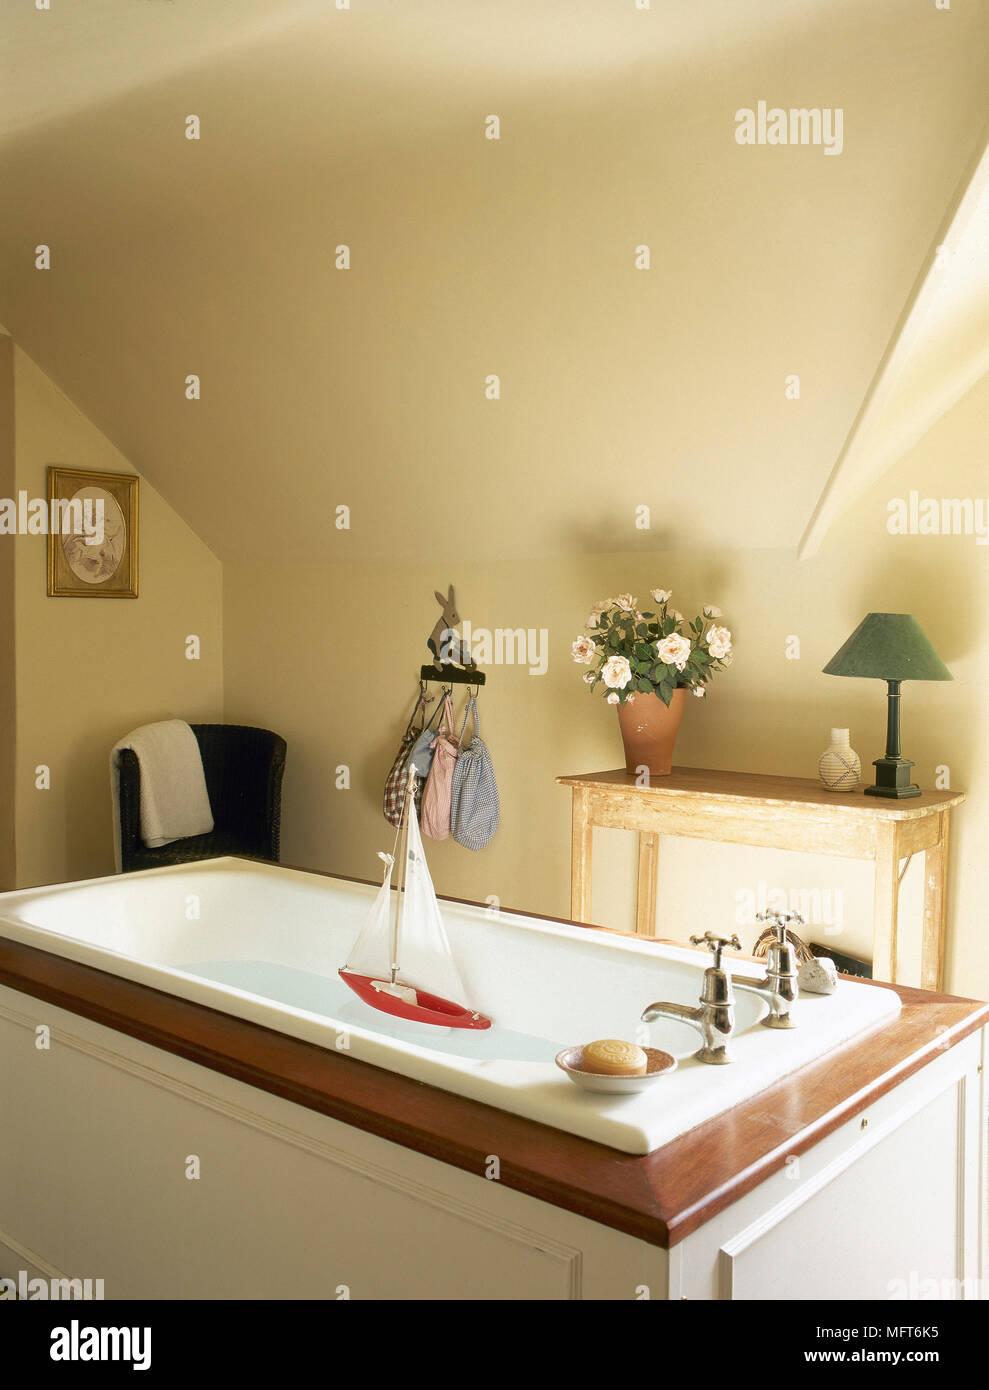 Land Gelb Bad Mit Einer Dachschräge, Holztisch, Und Ein Segelboot Schwimmen  In Eine Badewanne Mit Holz Umgeben.